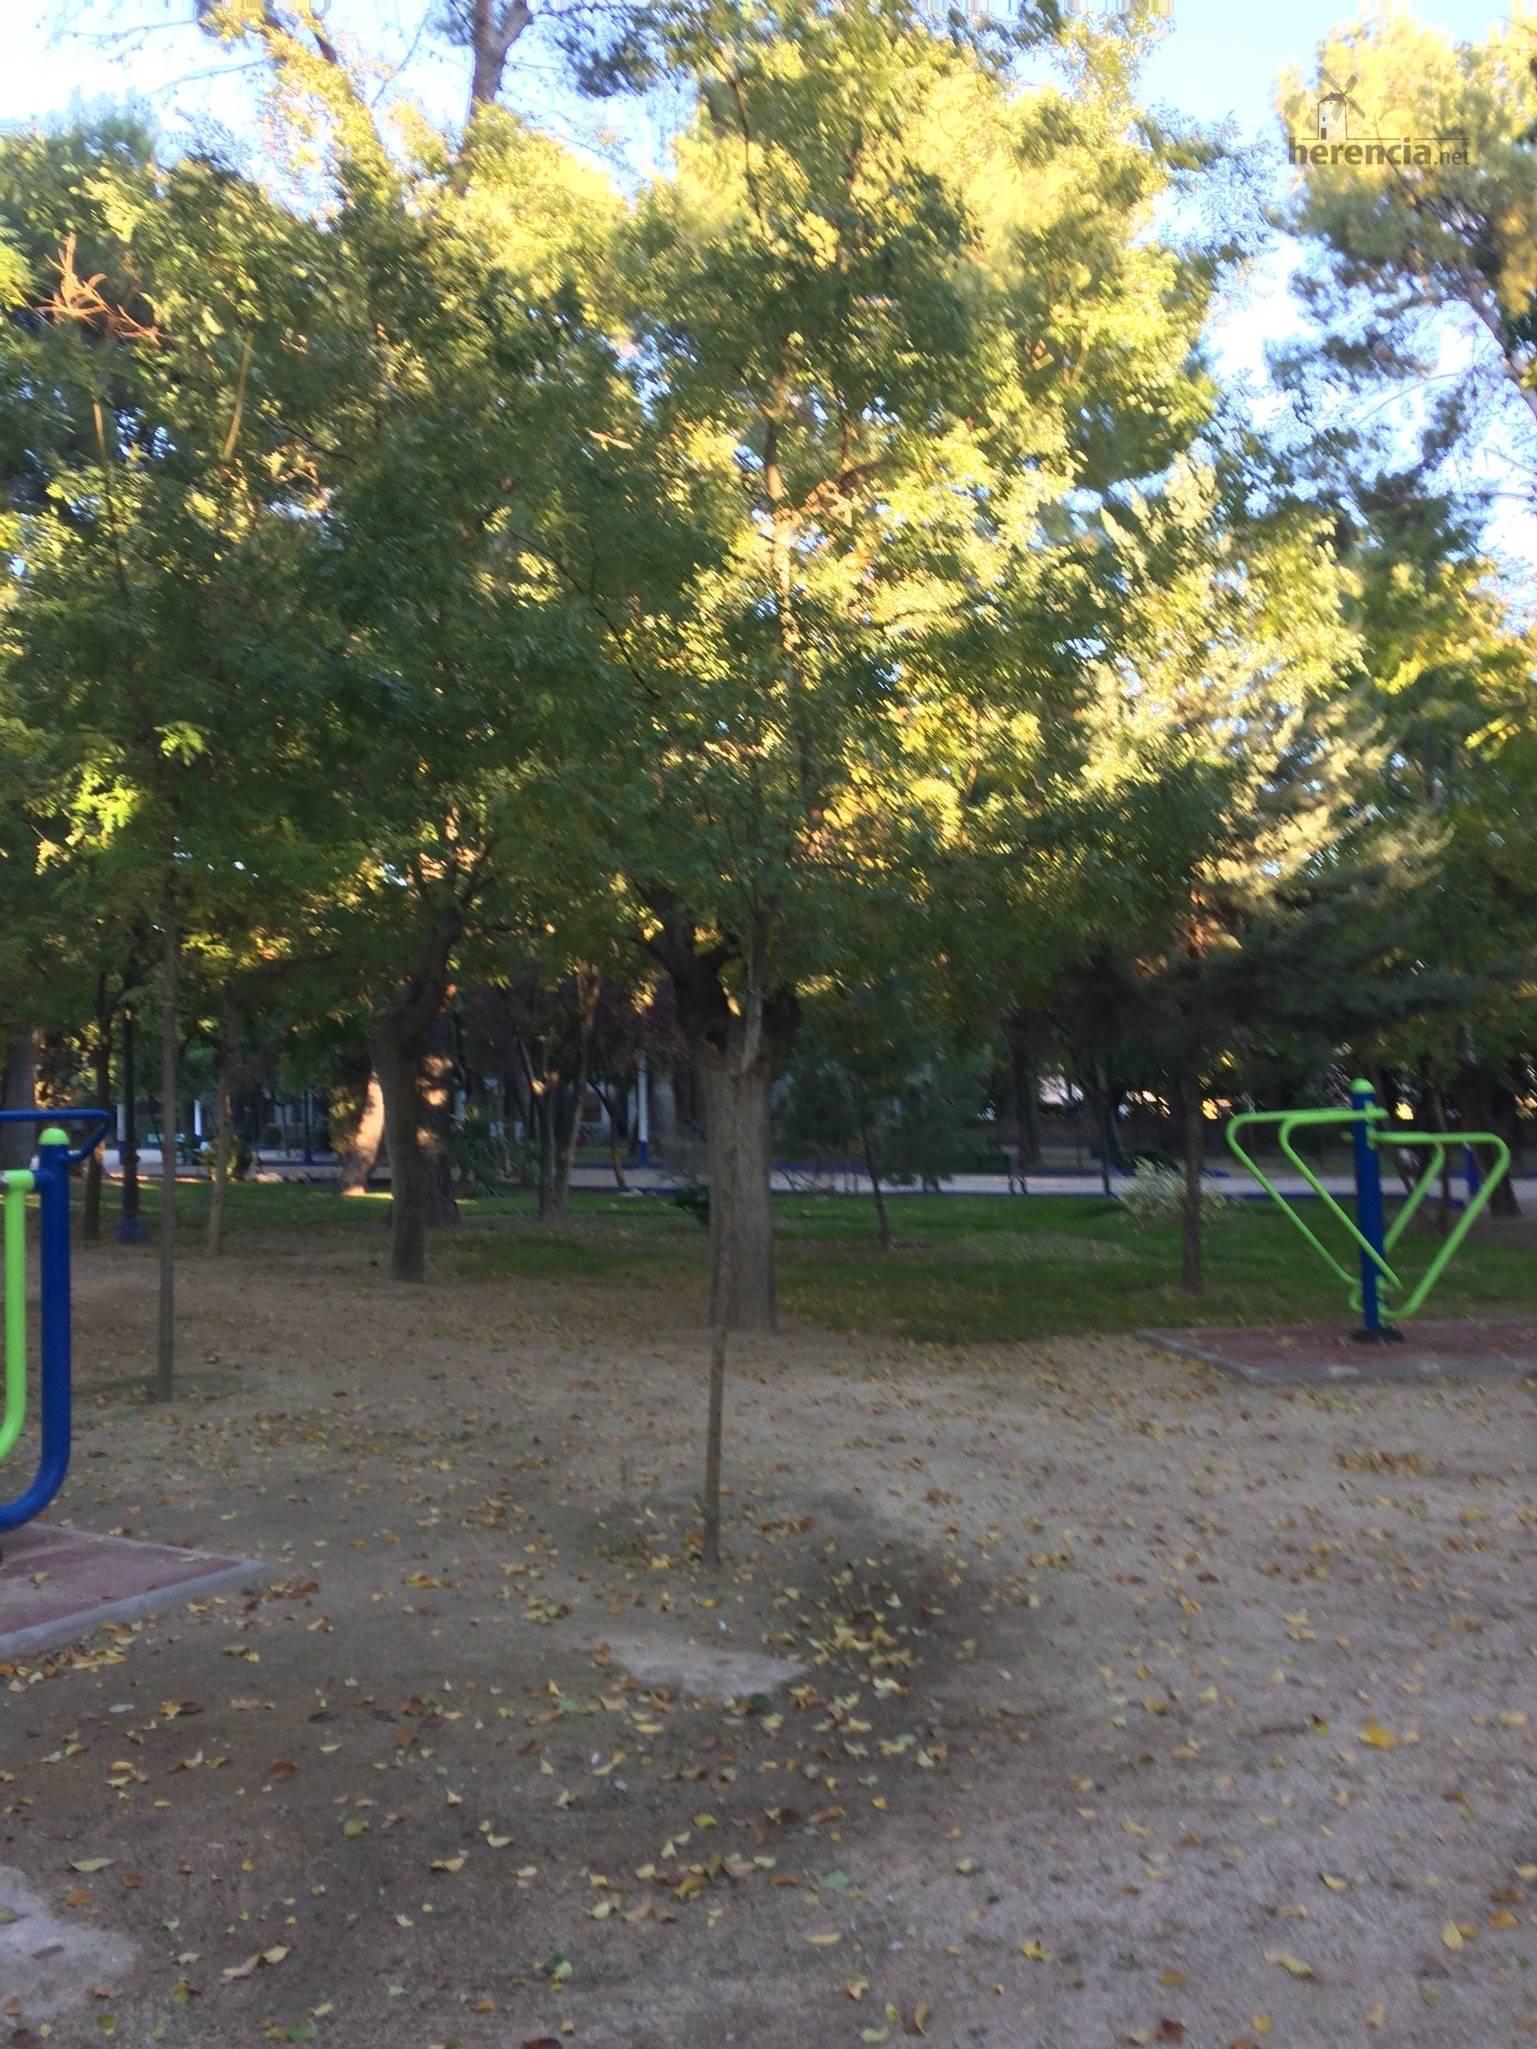 poda de arboles en parque municipal 76 - El parque municipal se cierra debido a los fuertes vientos